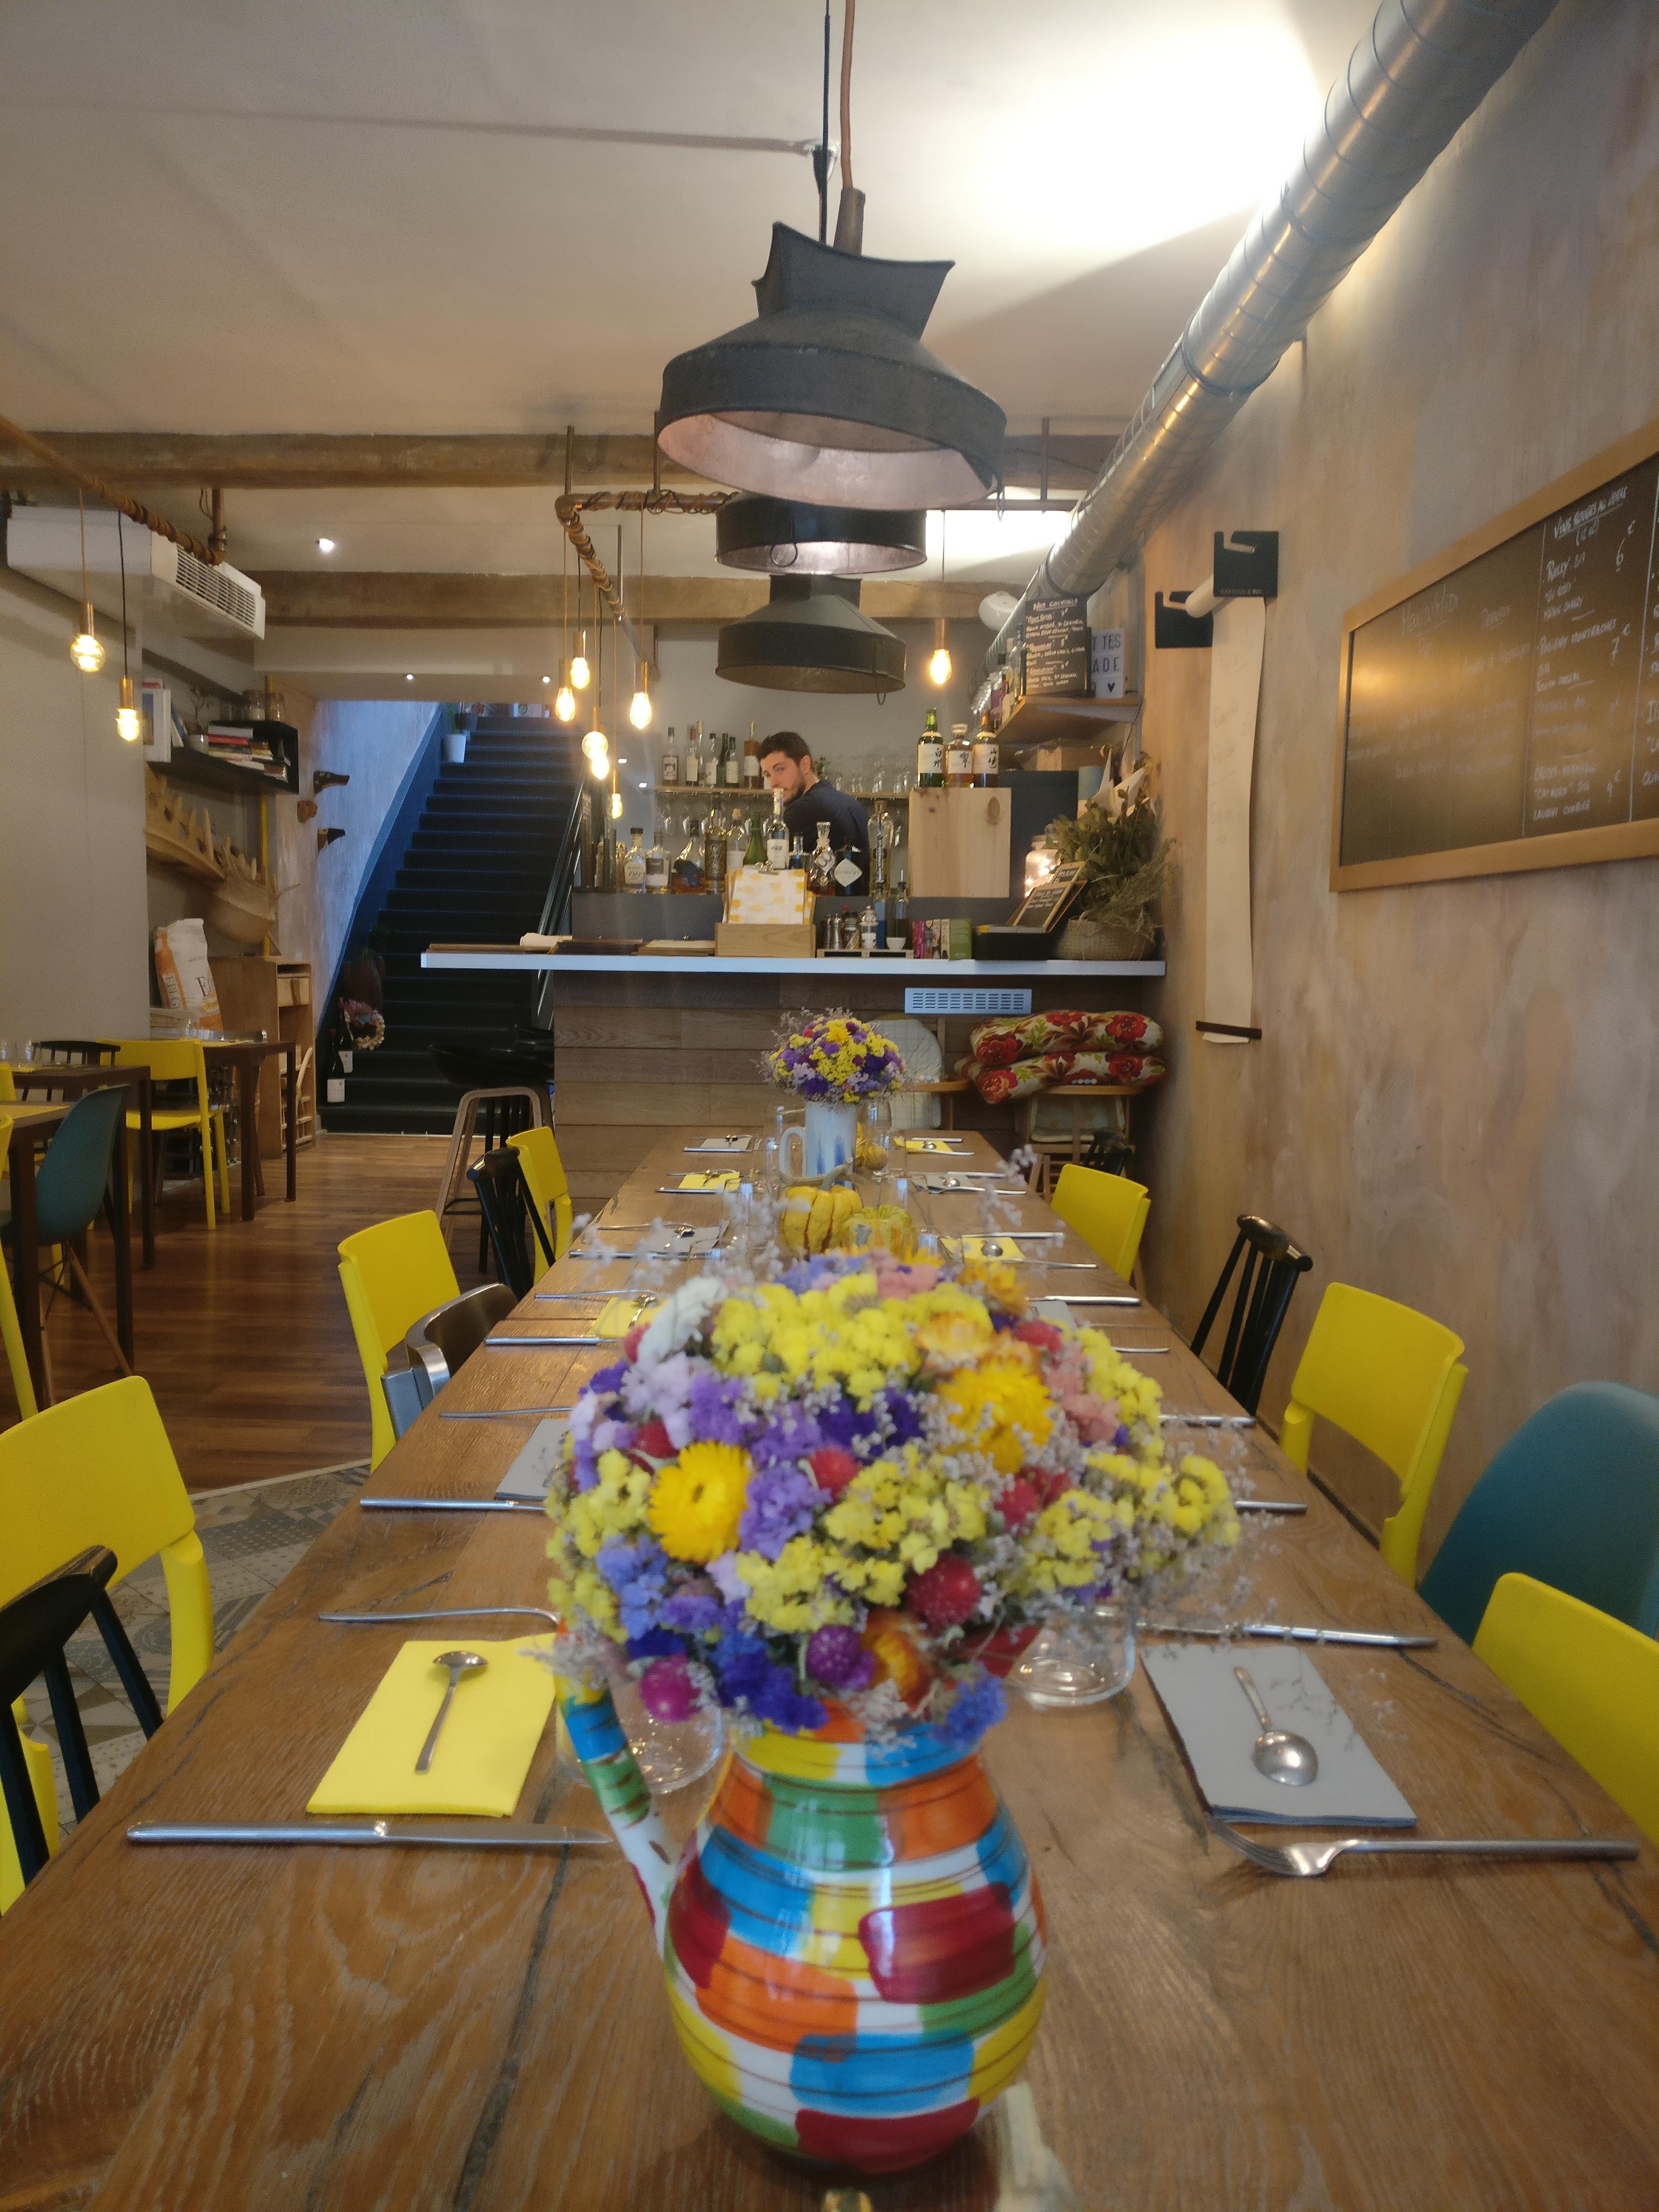 Restaurant les pôpiettes, Beaune cuisine simple et inventive